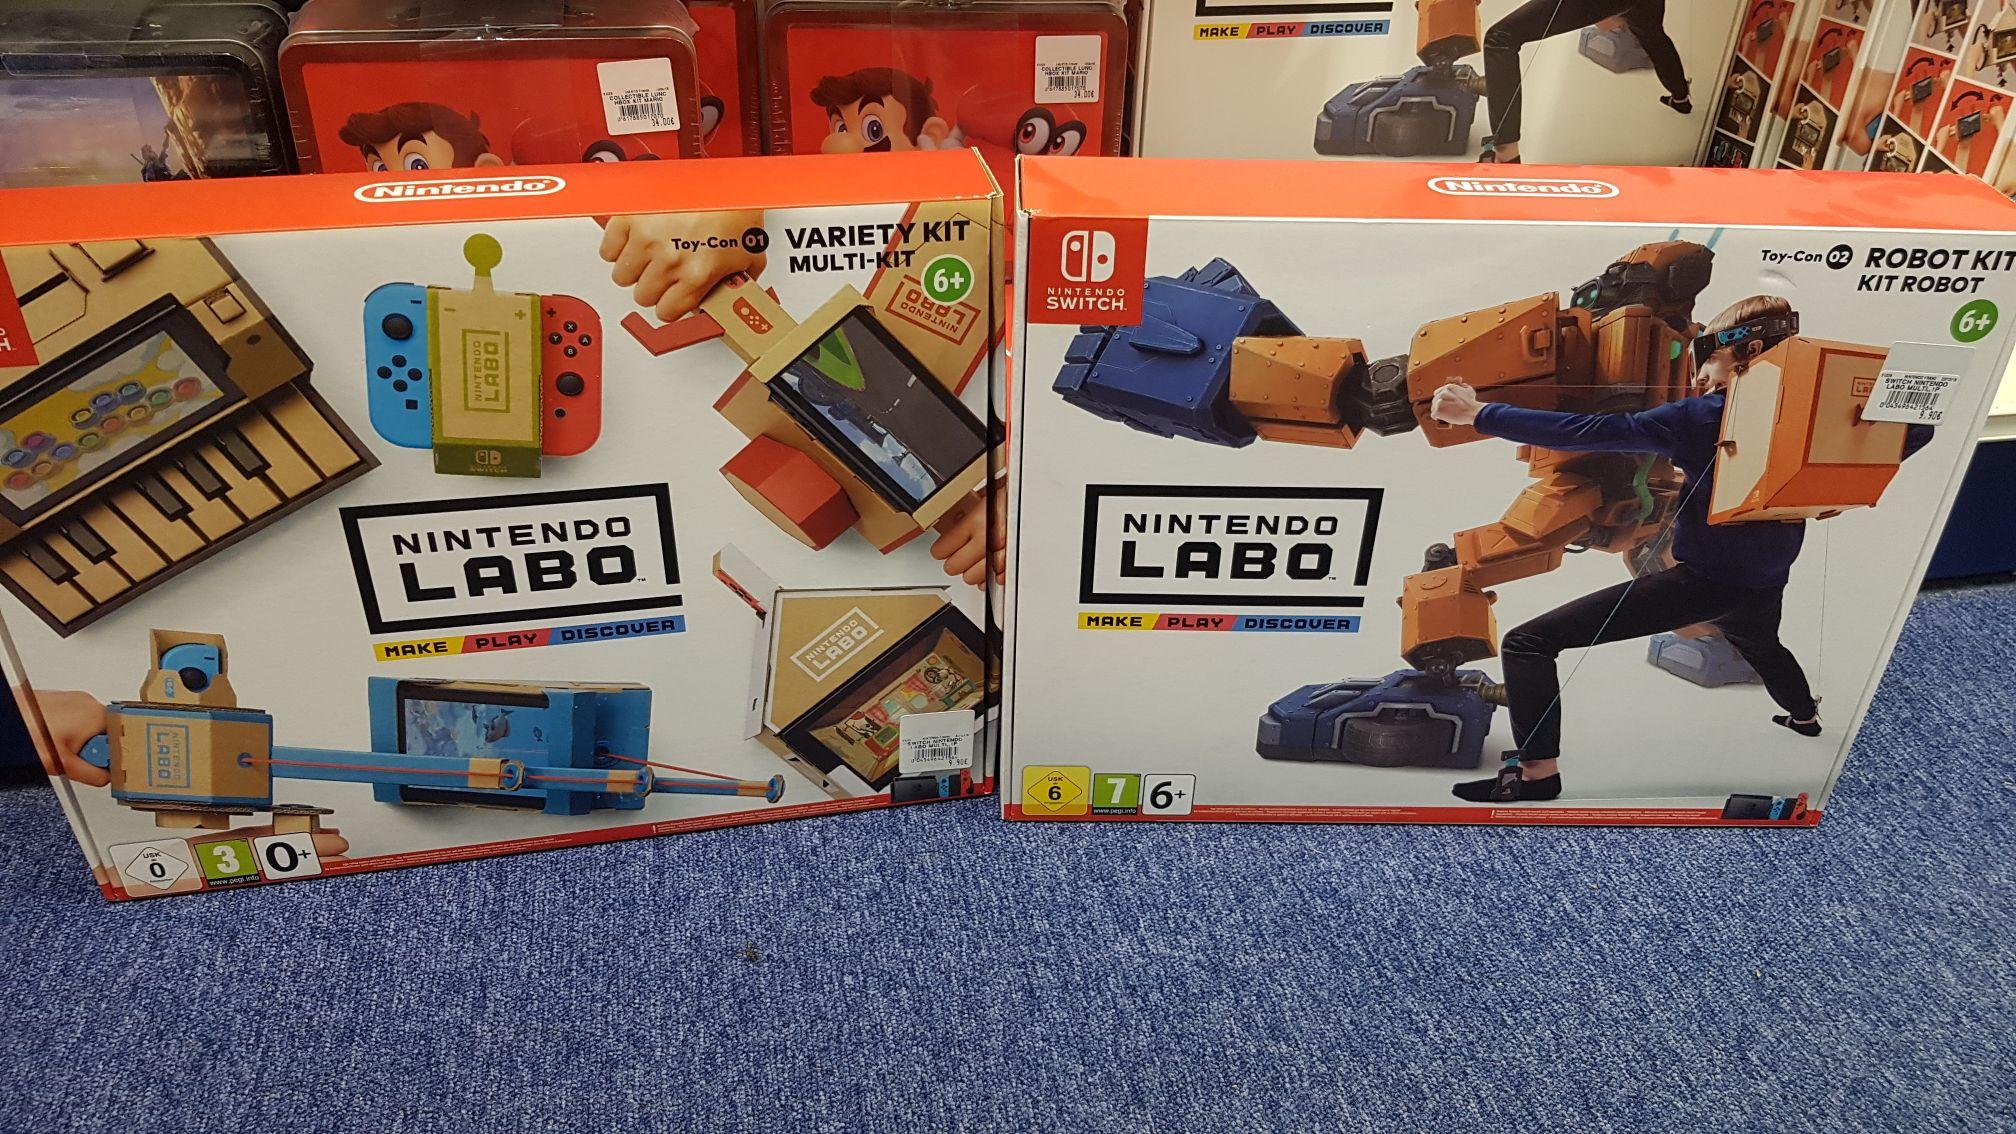 Nintendo Labo Variety Kit Toycon 01 ou Robot Kit Toycon 02 - Saint Clément (89)